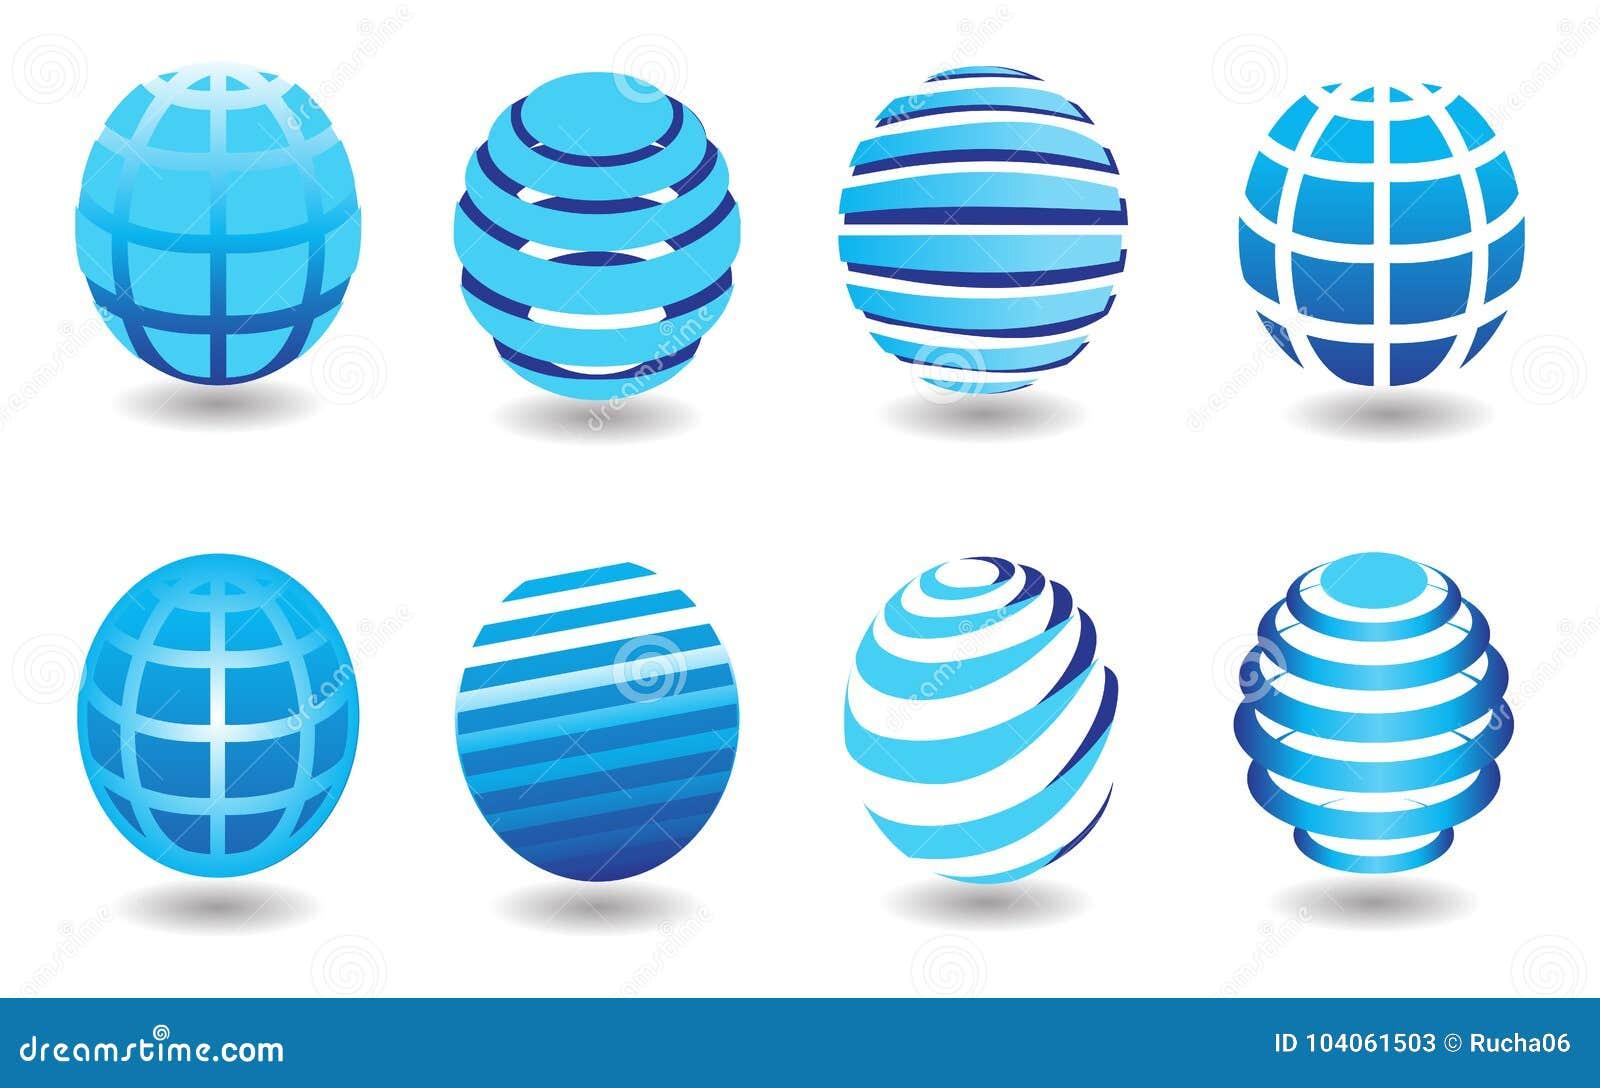 Различные круглые форменные символы земли